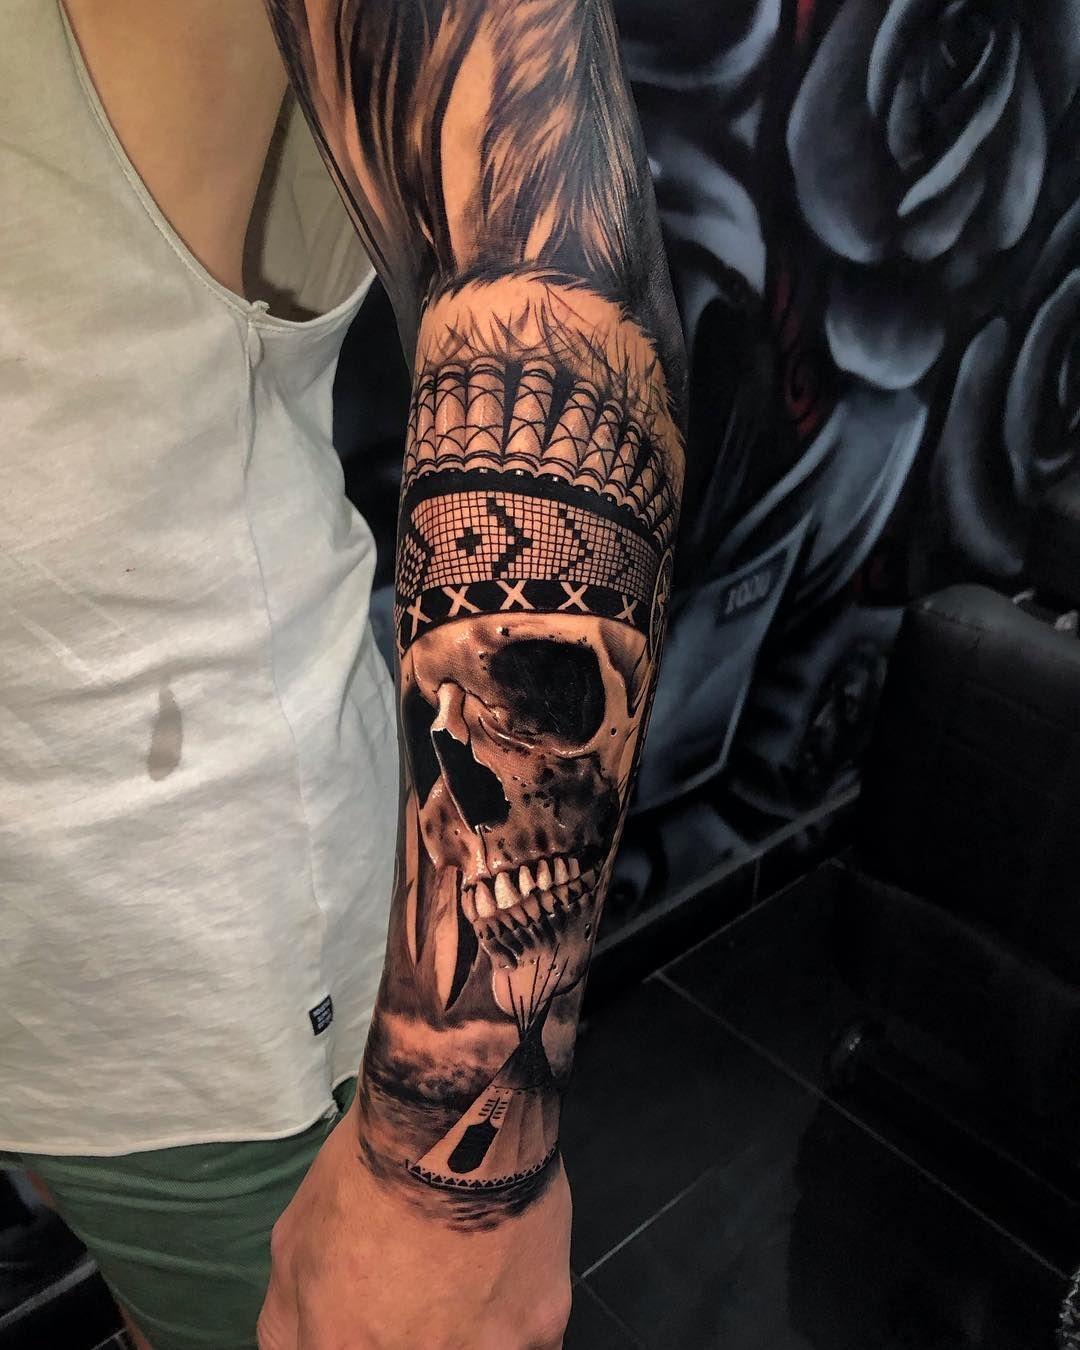 Native American Tattoo Tattoo Ideas And Inspiration Native American Tattoo Sleeve Indian Skull Tattoos Headdress Tattoo